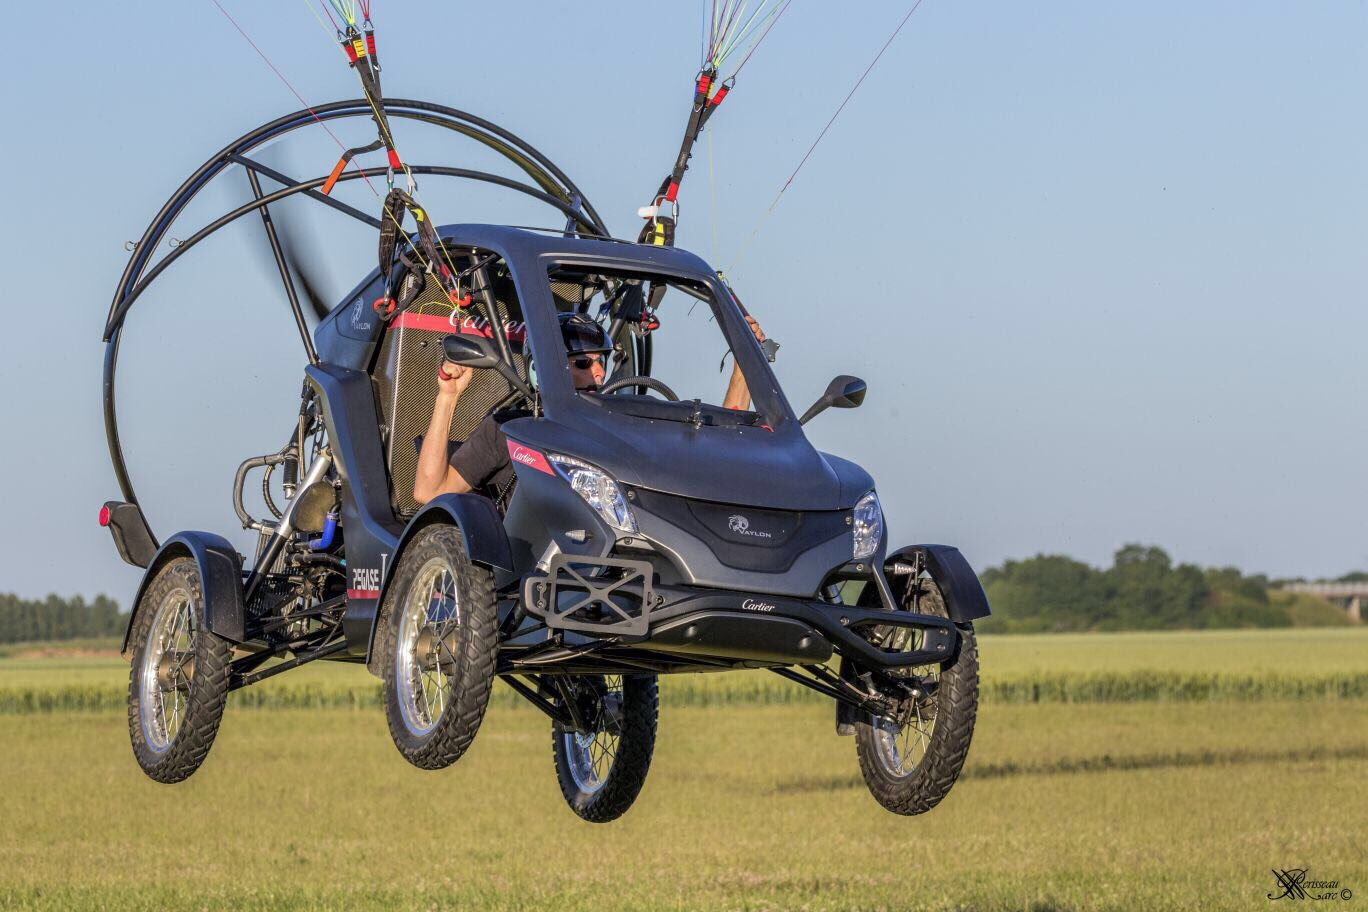 Traverser La Manche En Voiture : cette voiture volante a r ussi traverser la manche ~ Medecine-chirurgie-esthetiques.com Avis de Voitures